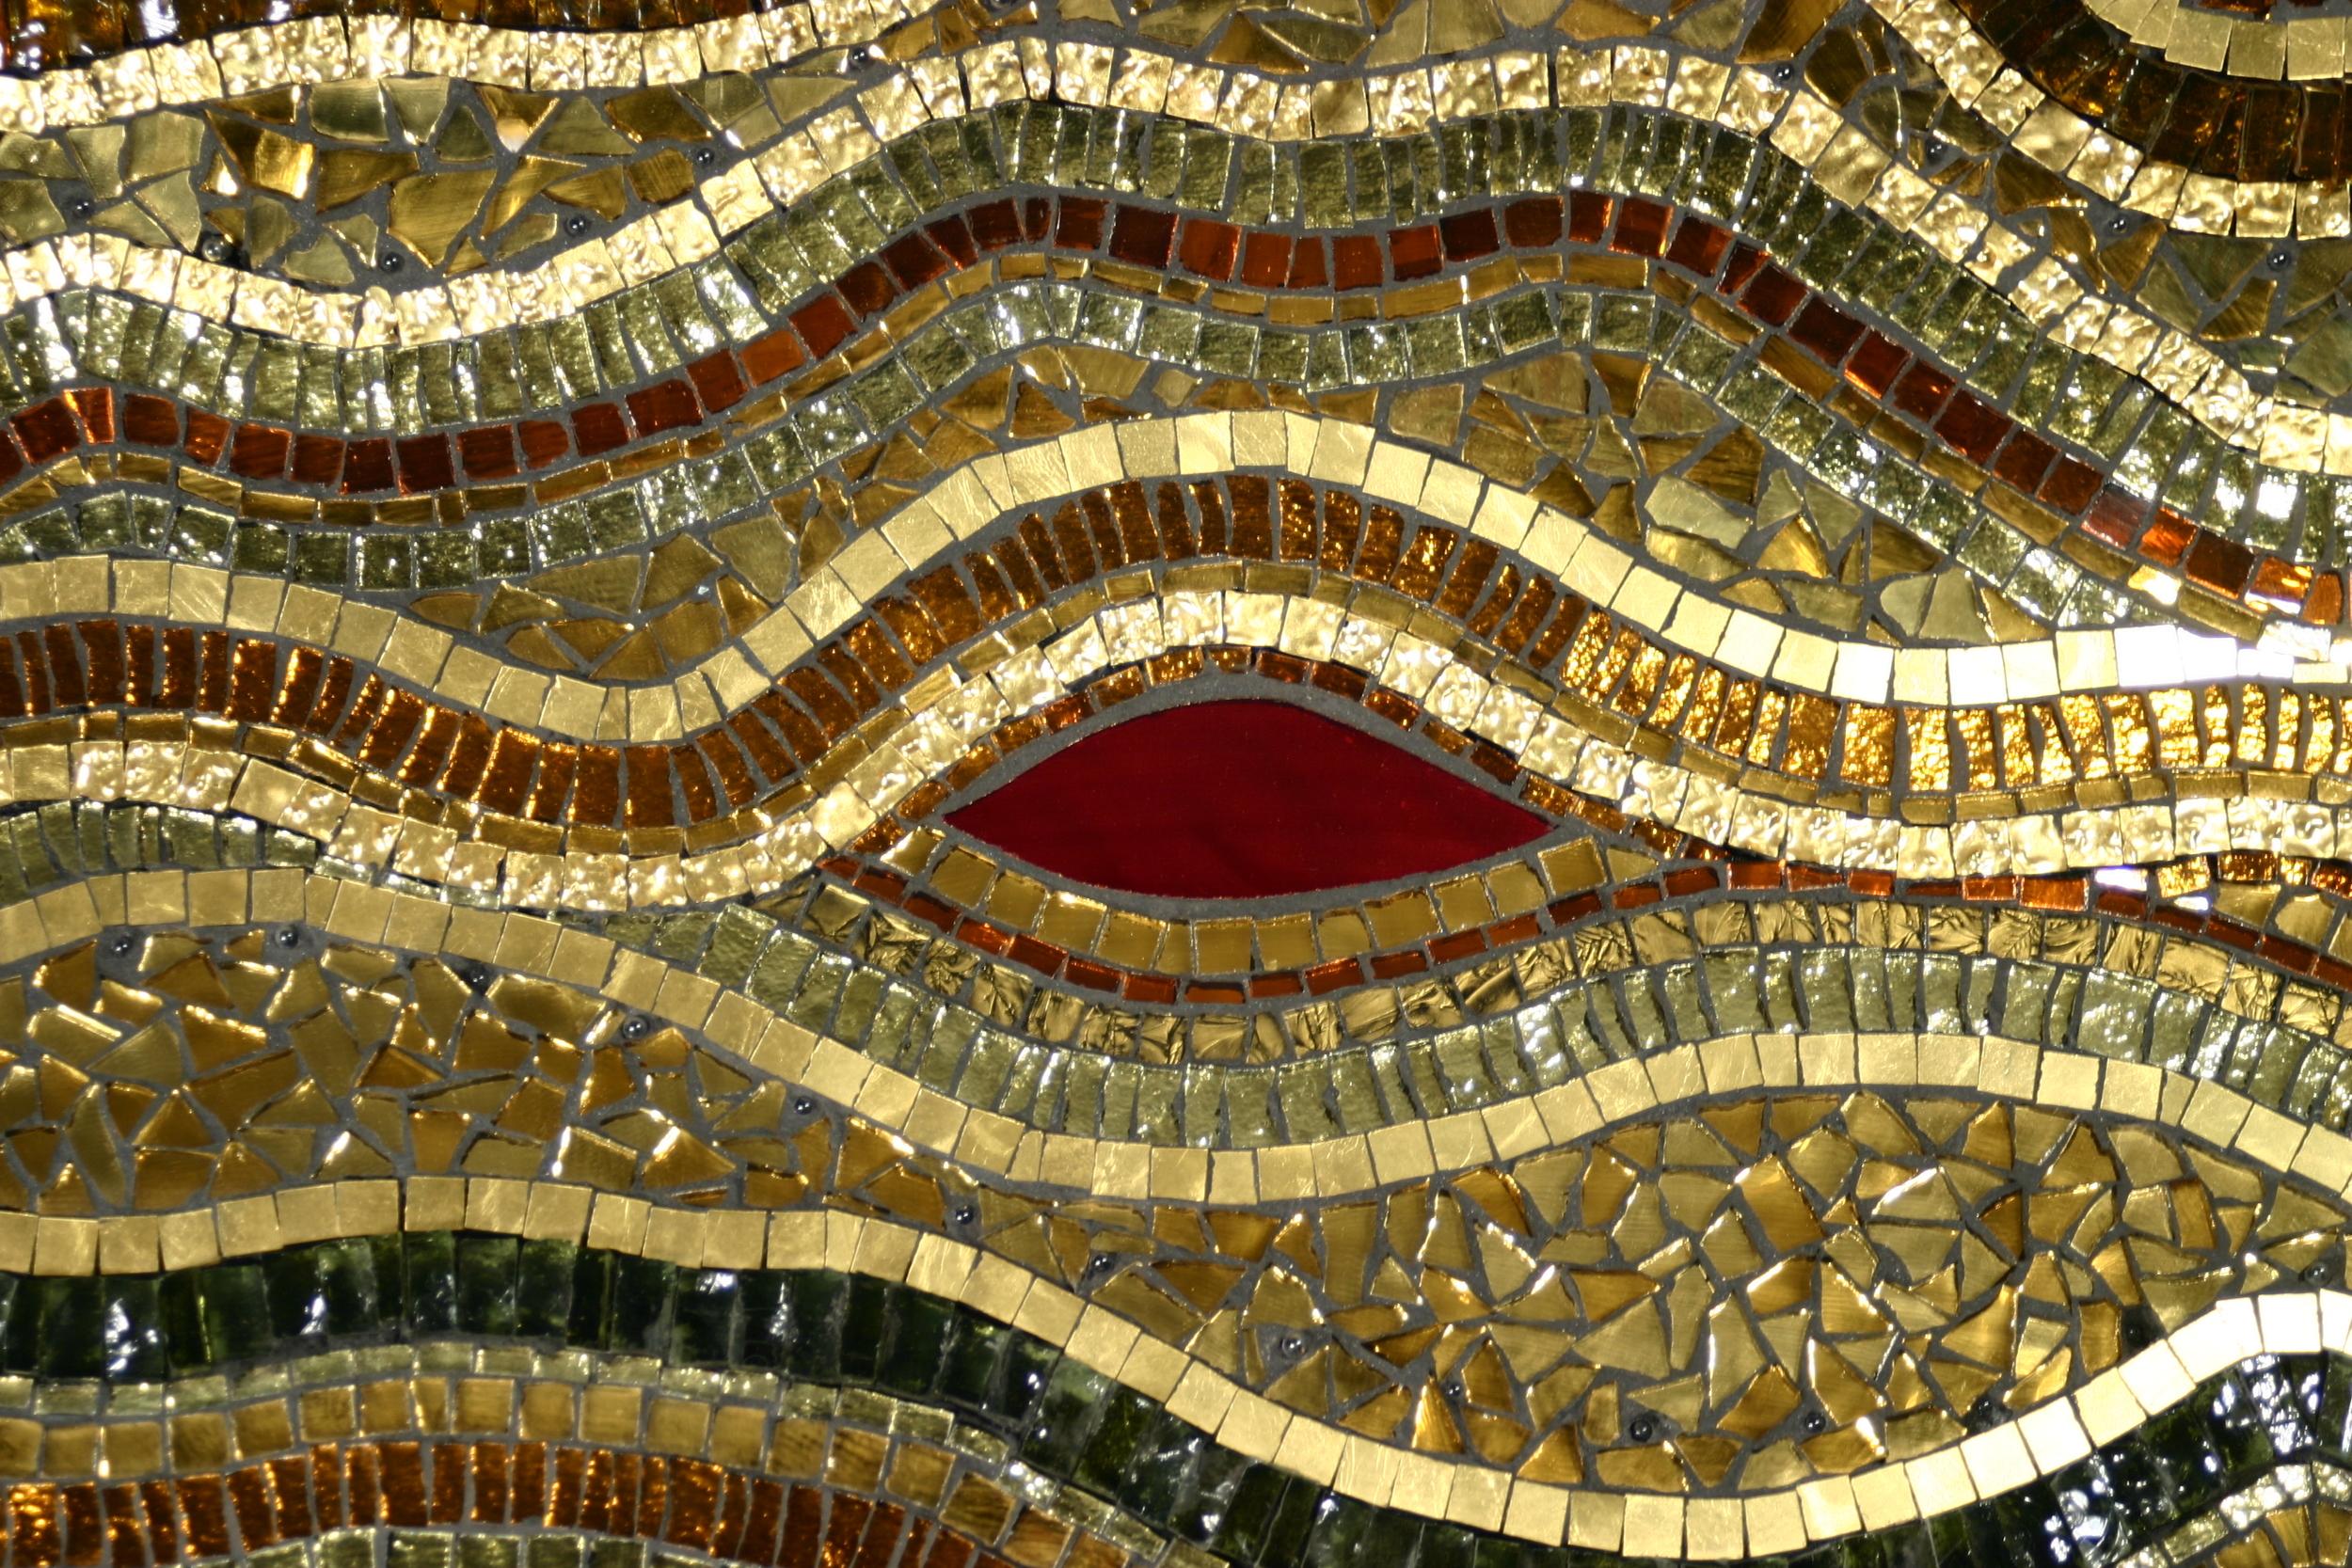 Christina's mosaic work